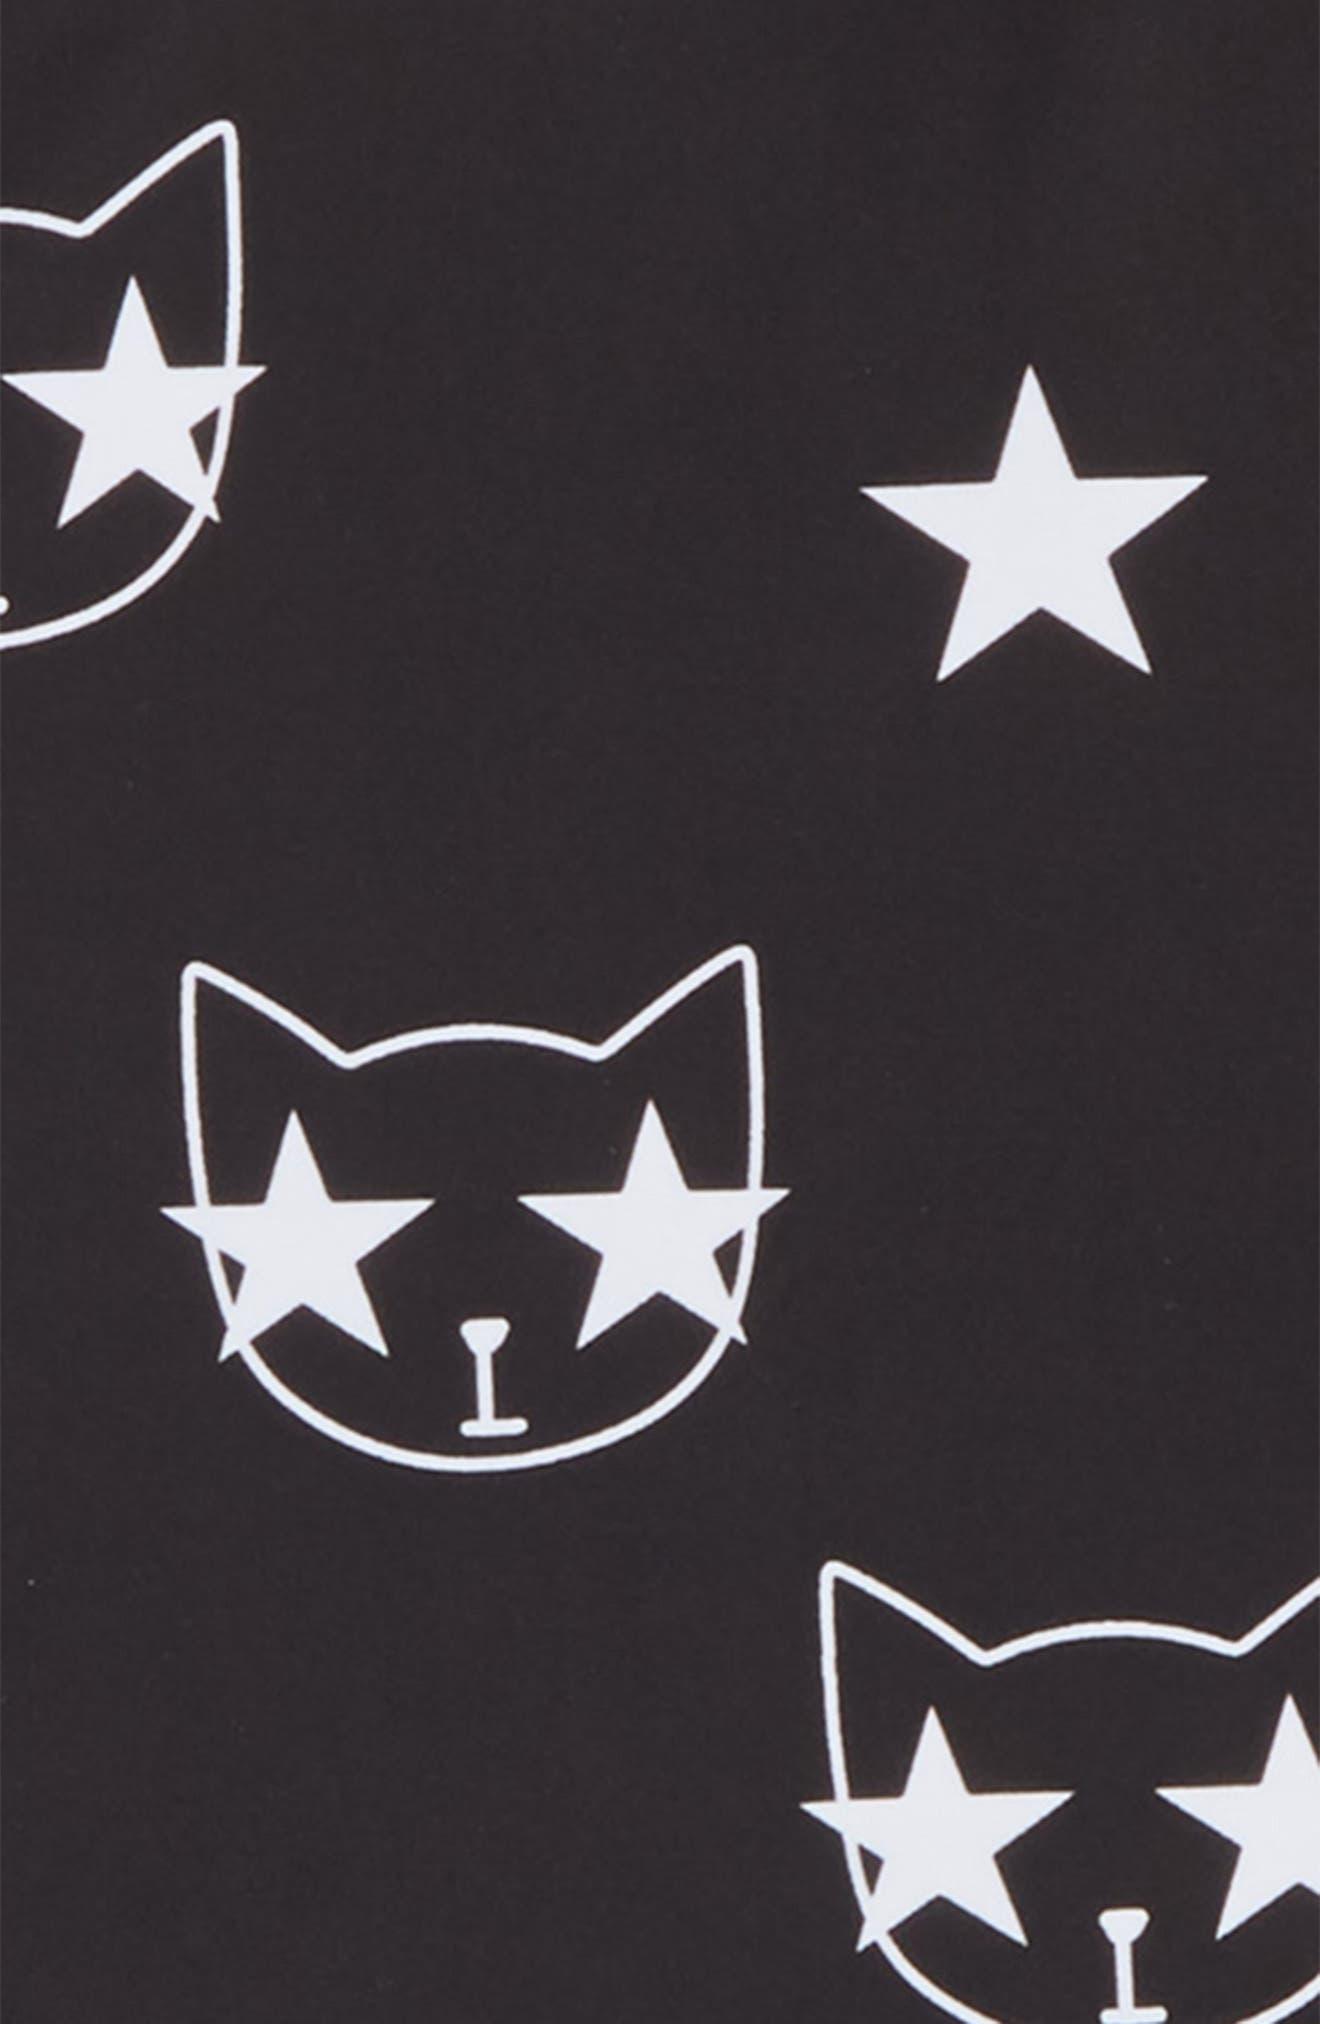 Starcat Two-Piece Rashguard Swimsuit,                             Alternate thumbnail 3, color,                             Black